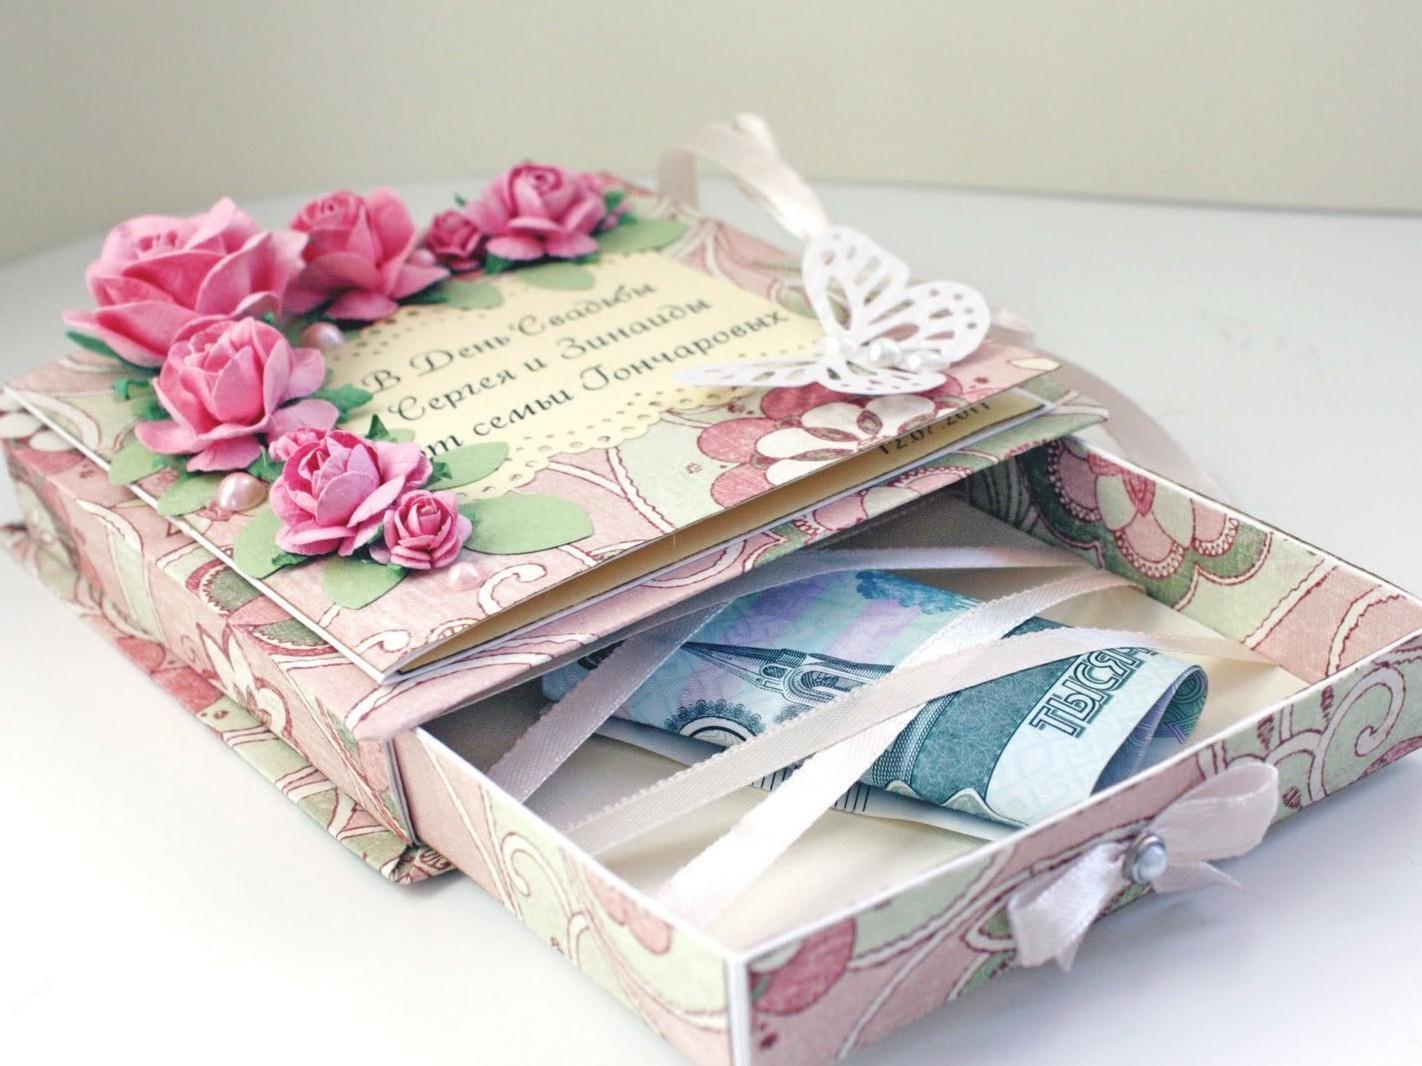 Оригинально преподнести подарок на юбилей женщине доставка цветов а городе нефтекамск